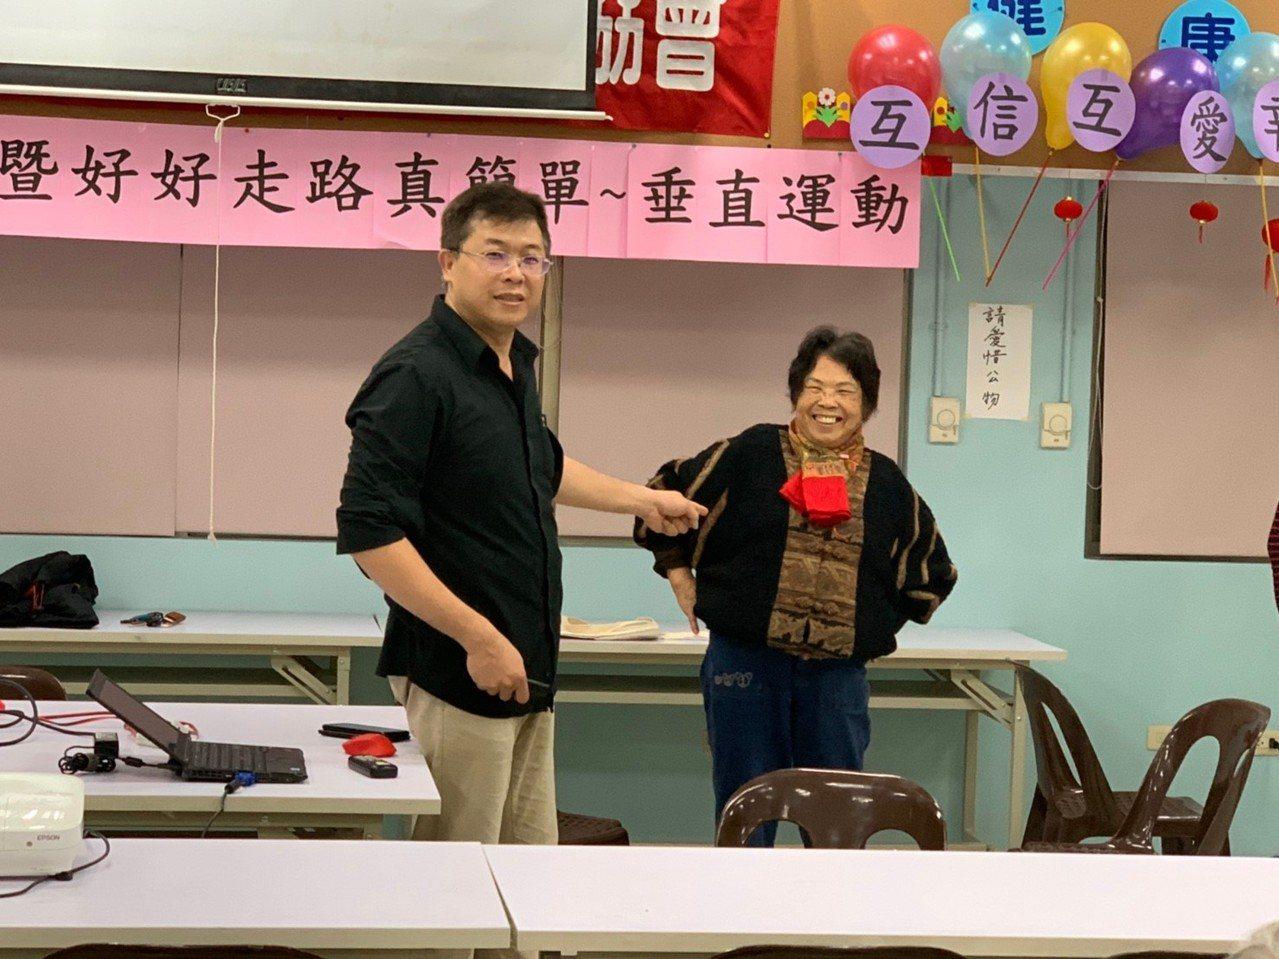 新竹犯罪被害人保護協會志工王耀賢(左),深入社區向長者分享正確的運動觀念與姿勢。...